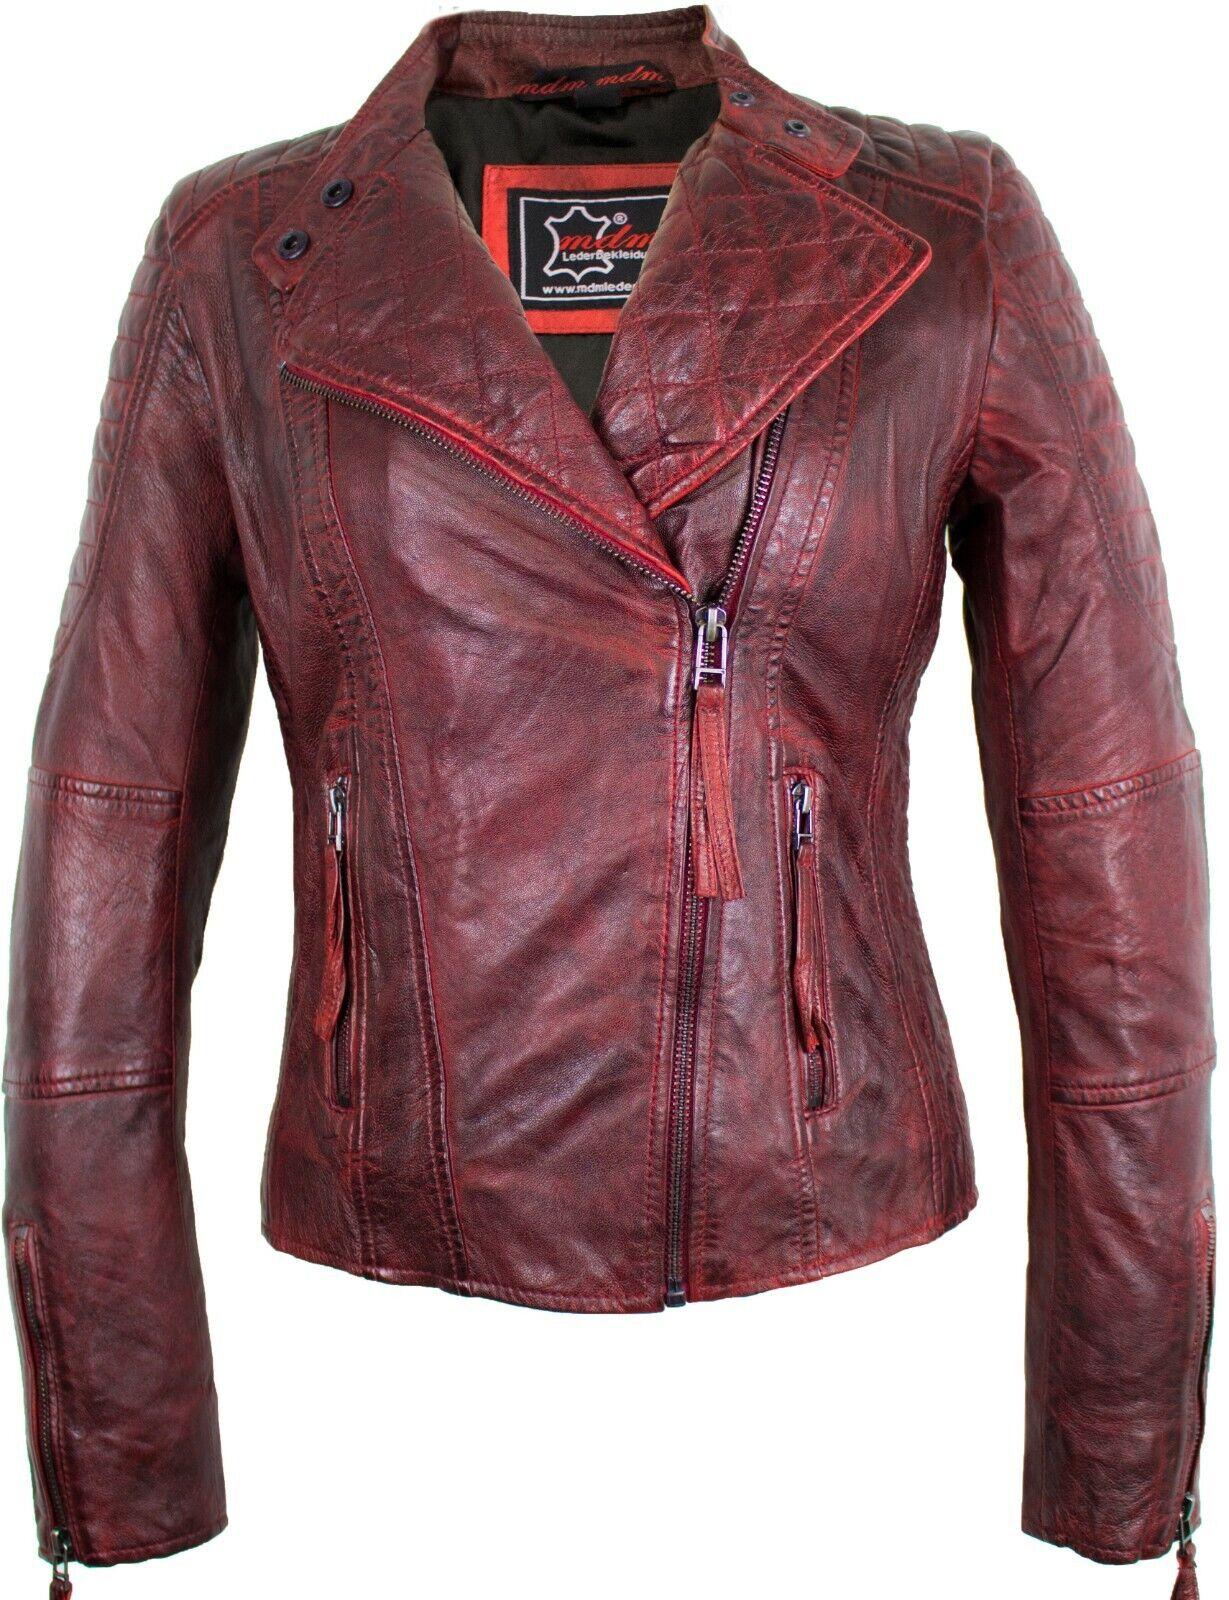 Damen Lederjacke aus echtem Lammleder Biker Jacke Look Slim Fit Rocker